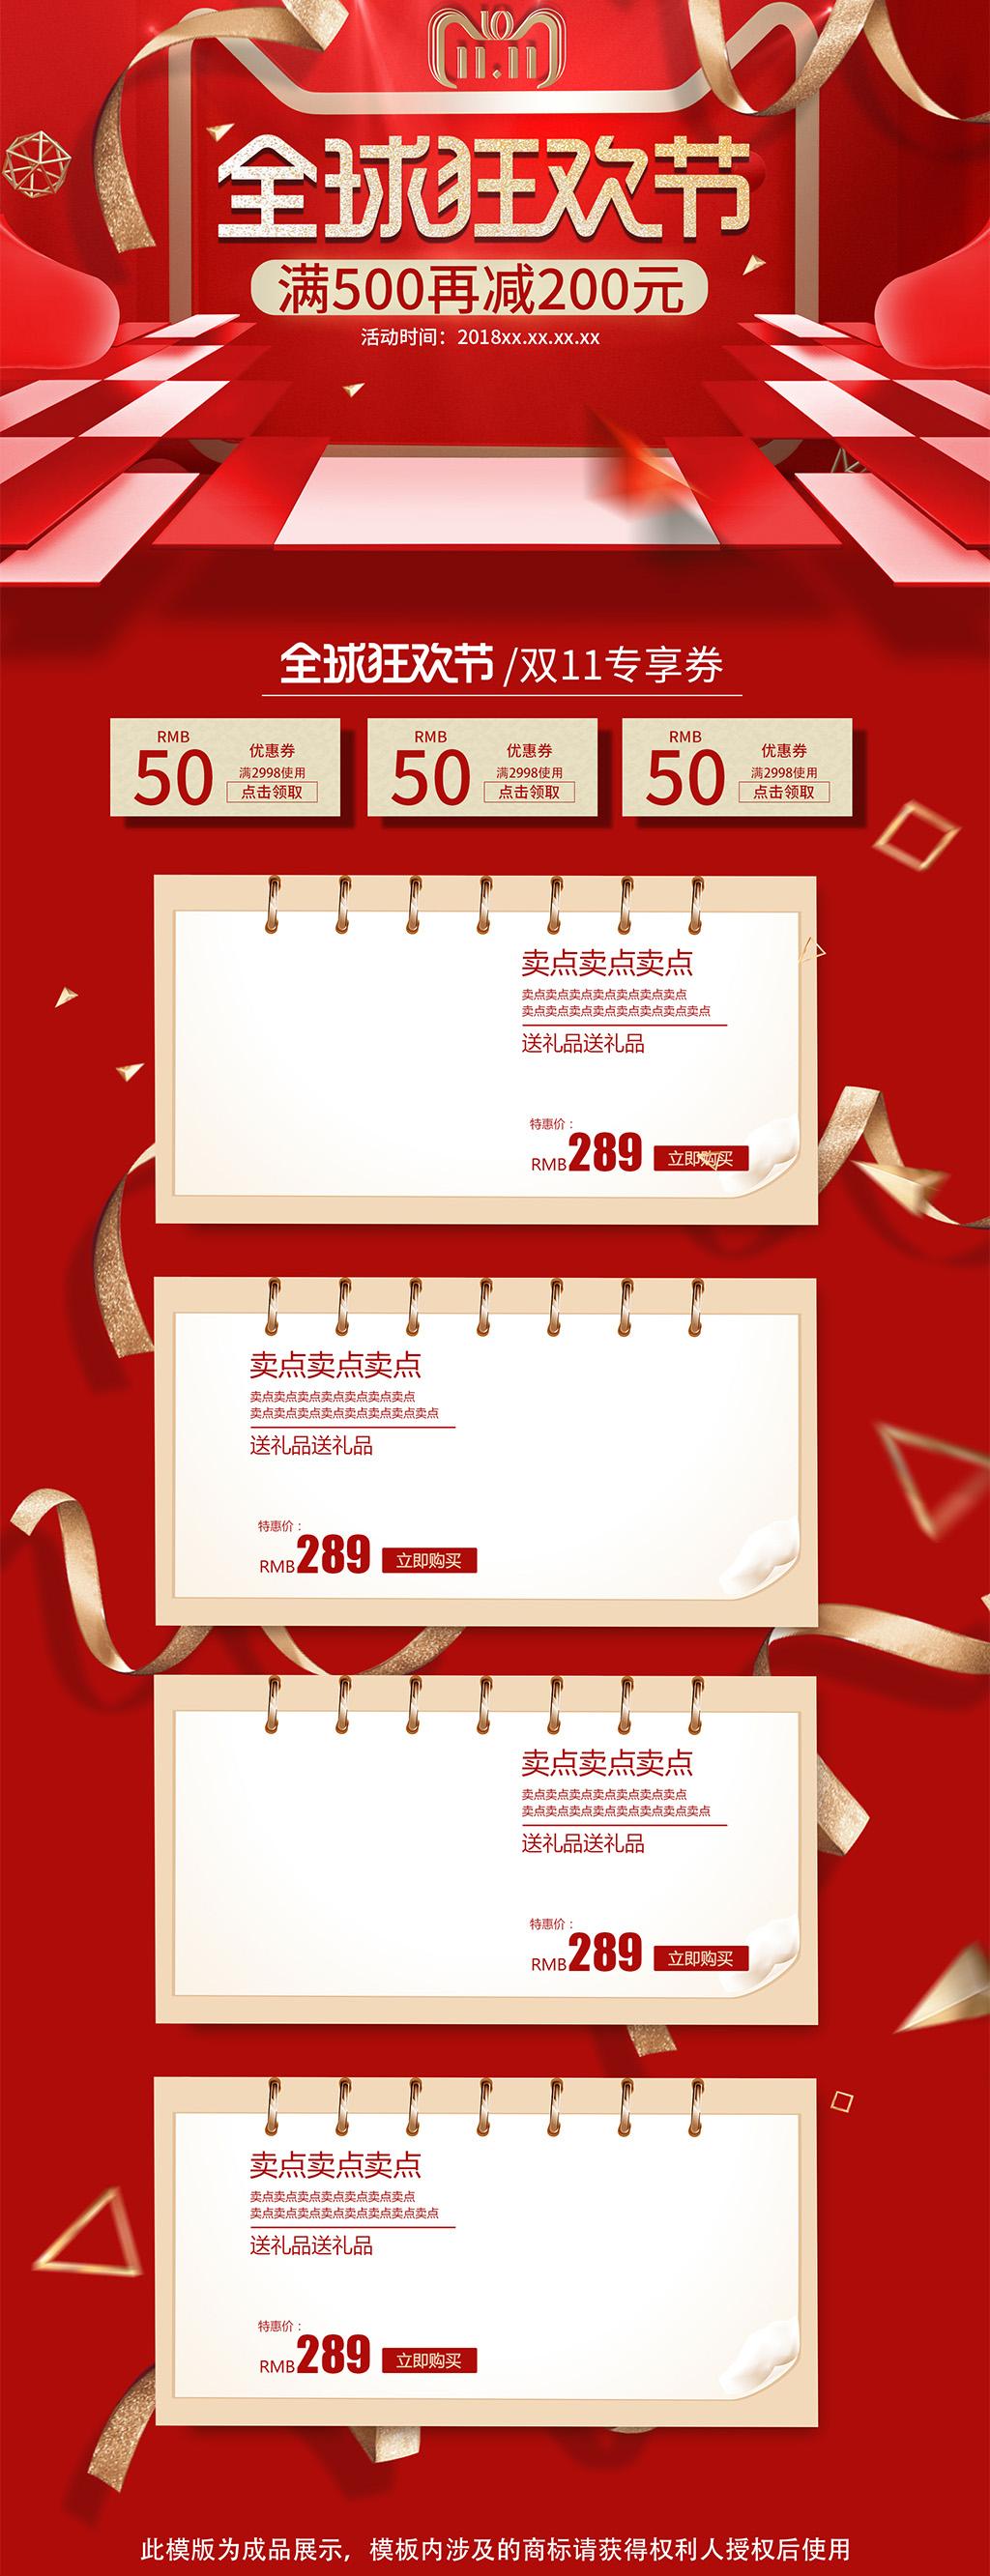 双11页面红色喜庆立体促销页面模板双十一